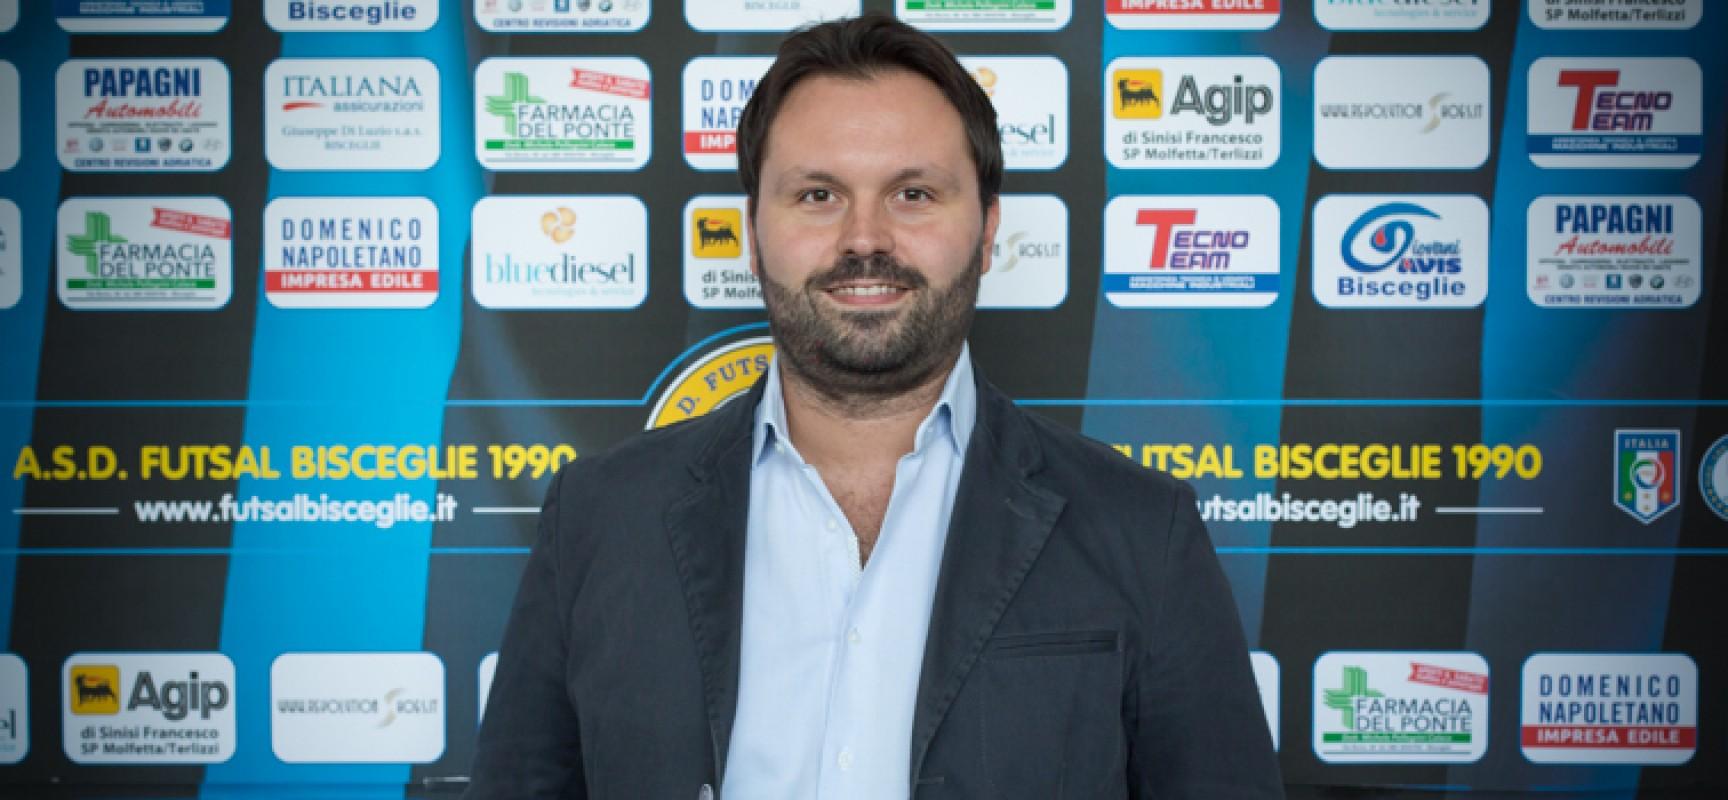 """Futsal Bisceglie, Anellino: """"Risultati positivi generano entusiasmo in campo e fuori"""""""